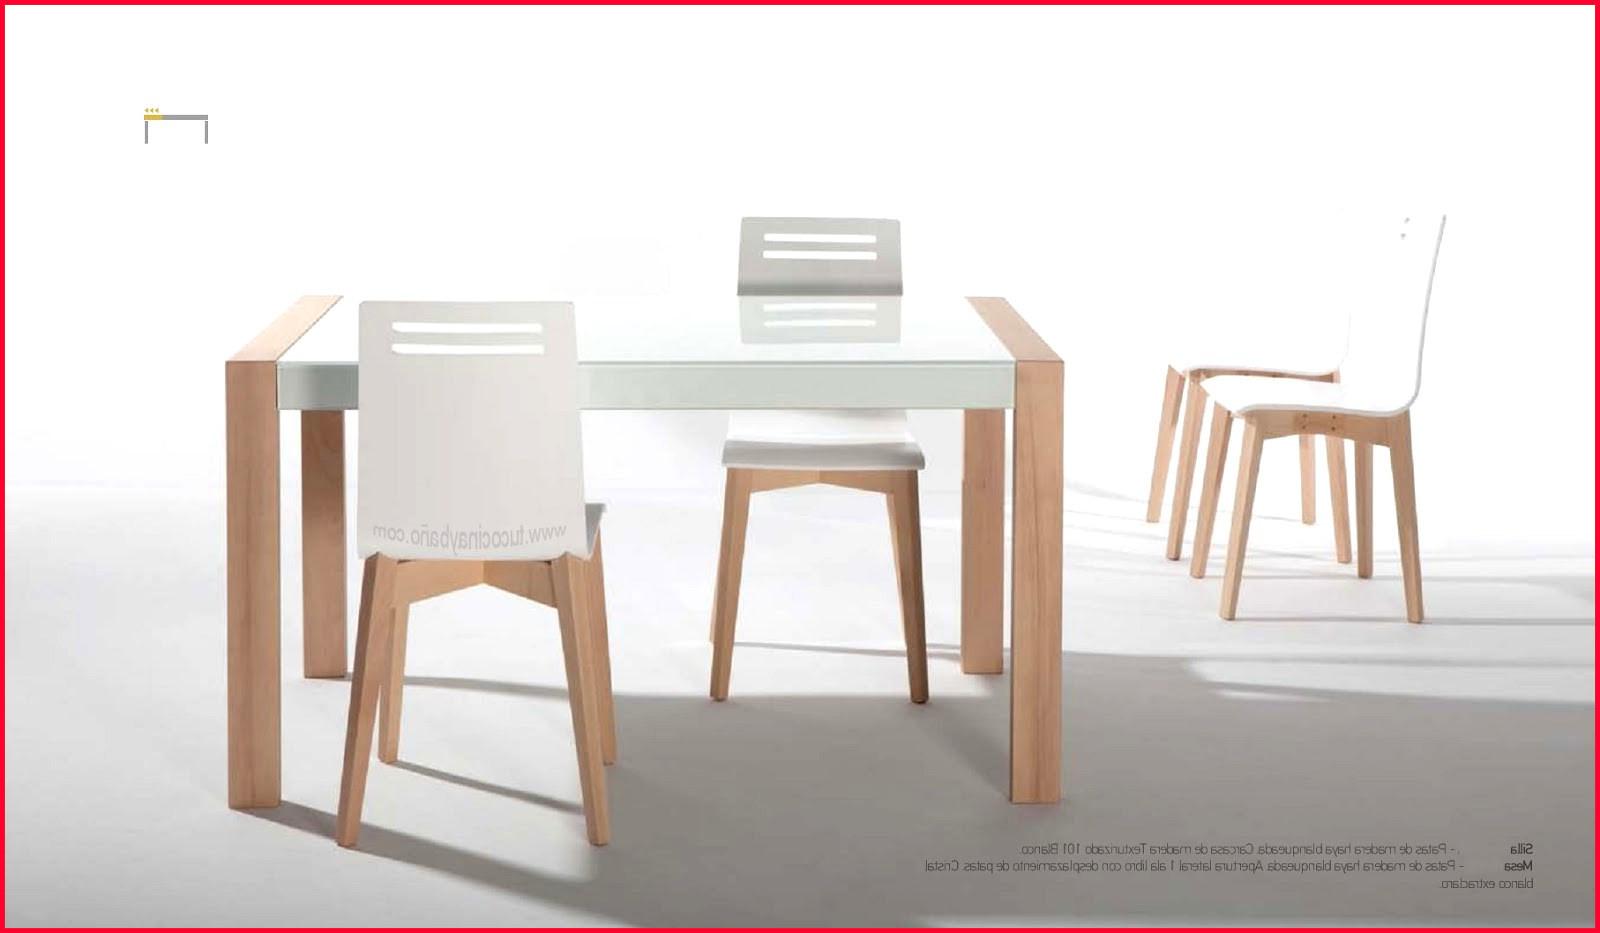 Silla Cocina Ikea T8dj Silla Cocina Ikea Ikea Mesa Y Sillas Ideas Sillas Ikea Cocina